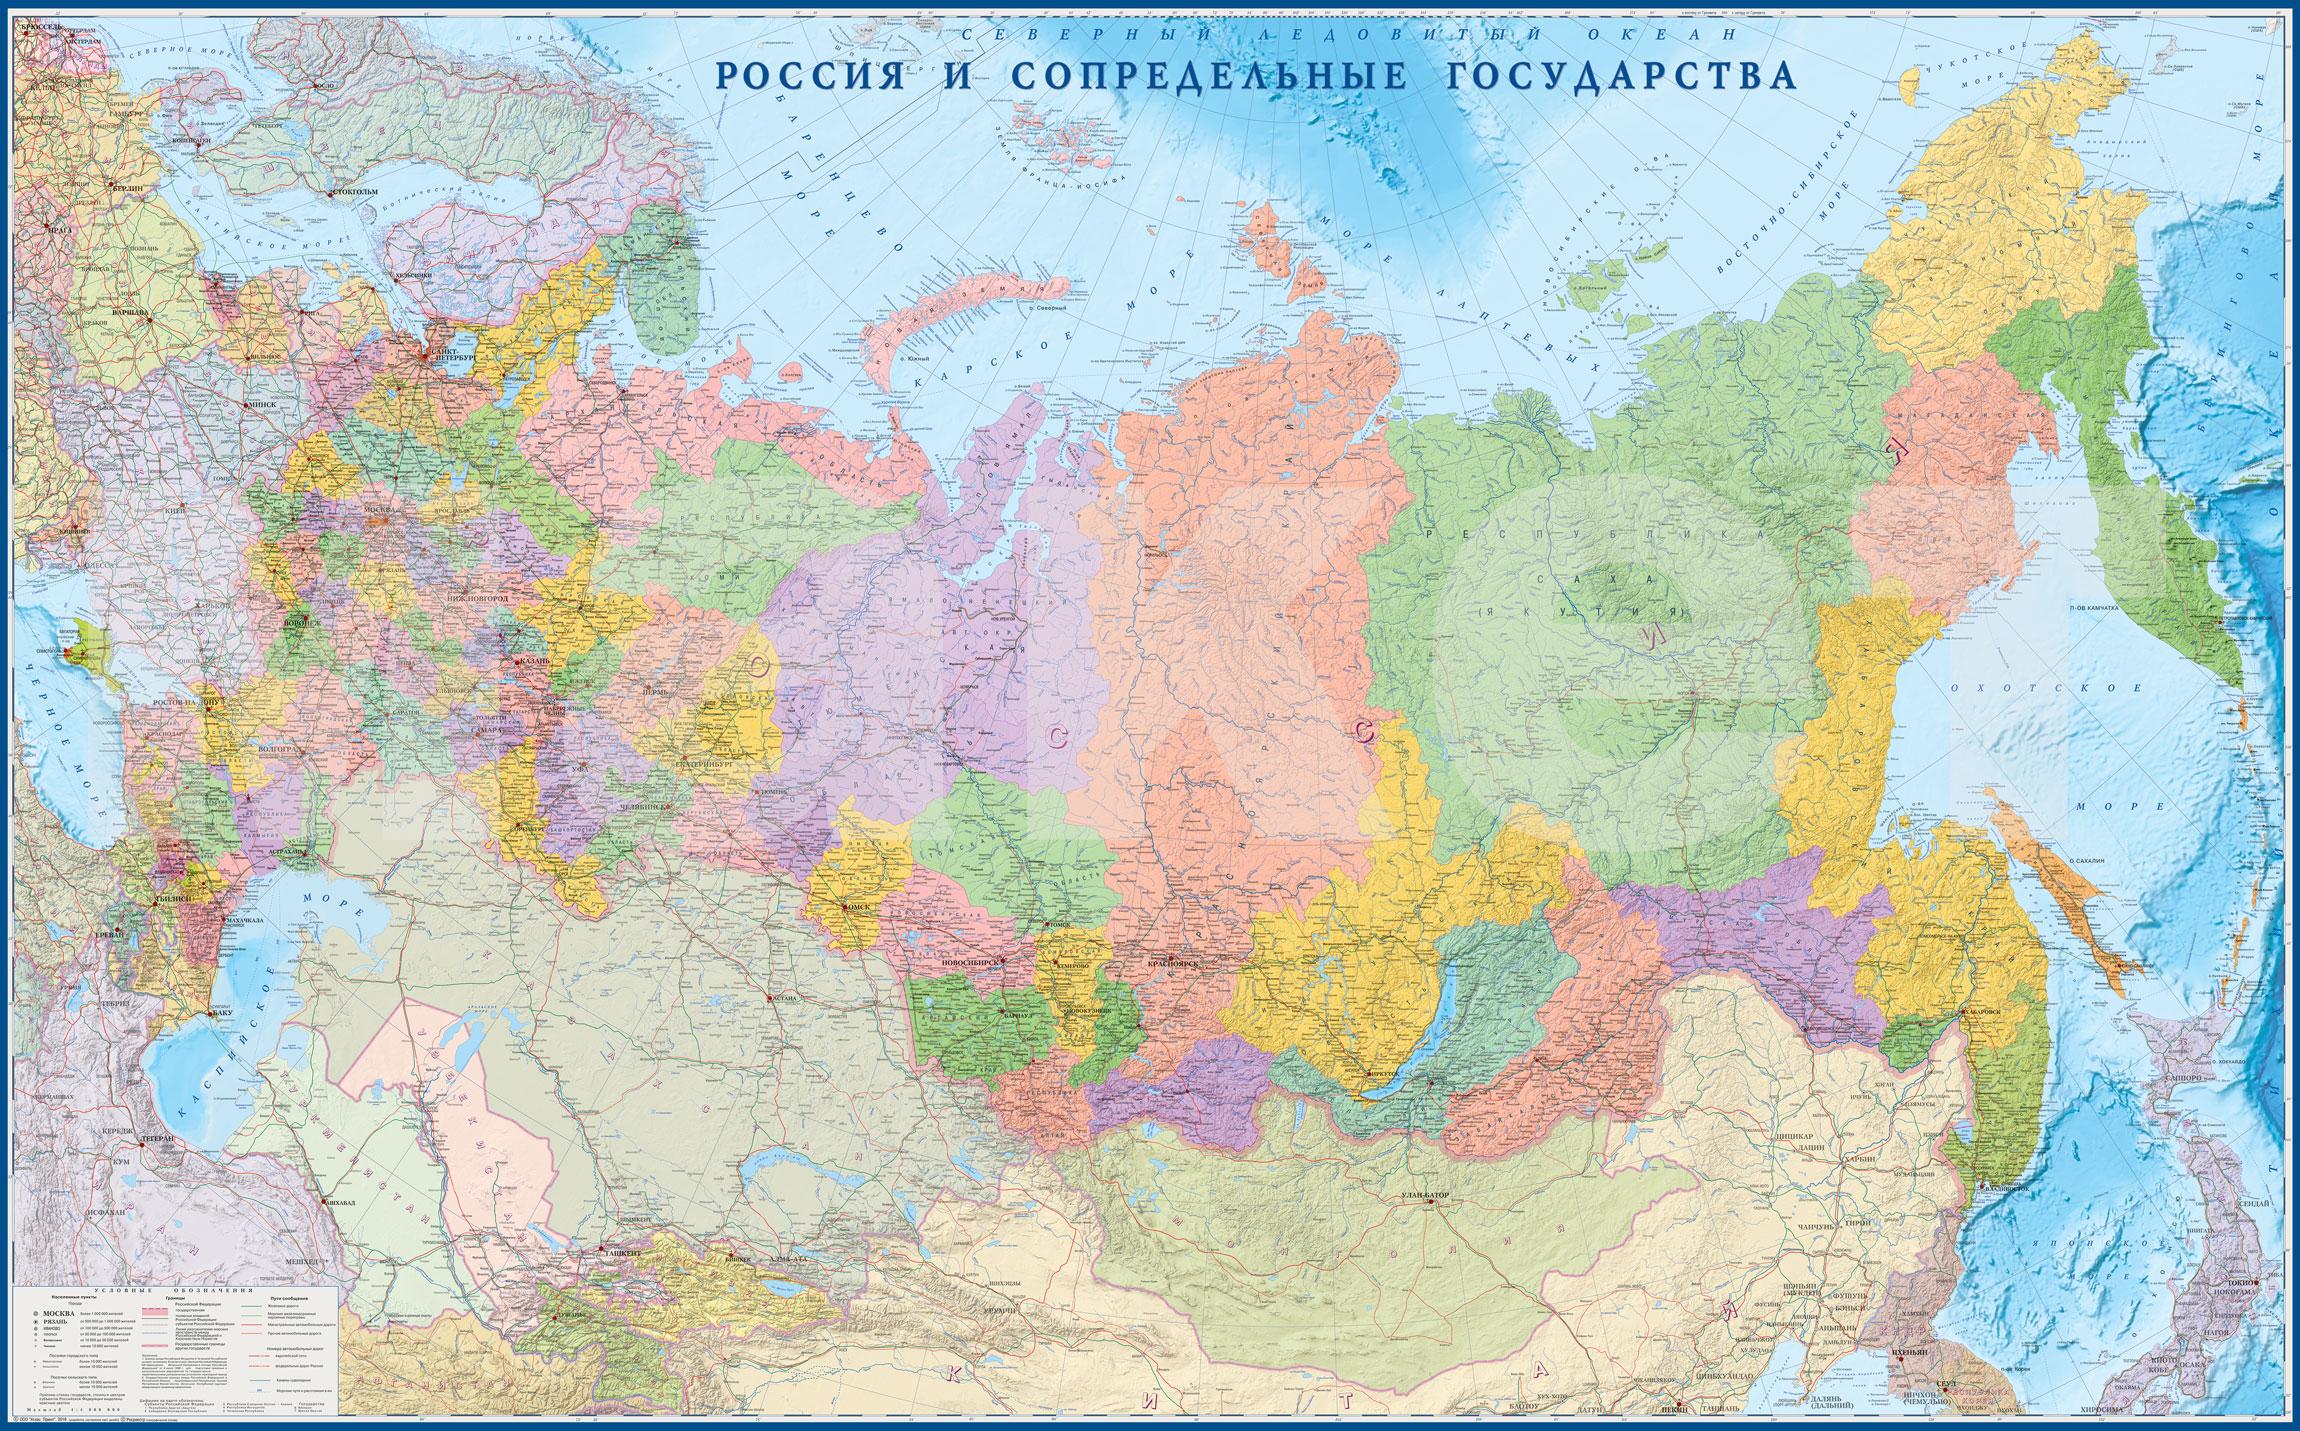 Настенная карта России и сопредельных государств политико-административная размер 2,42*1,50м, ламинированная